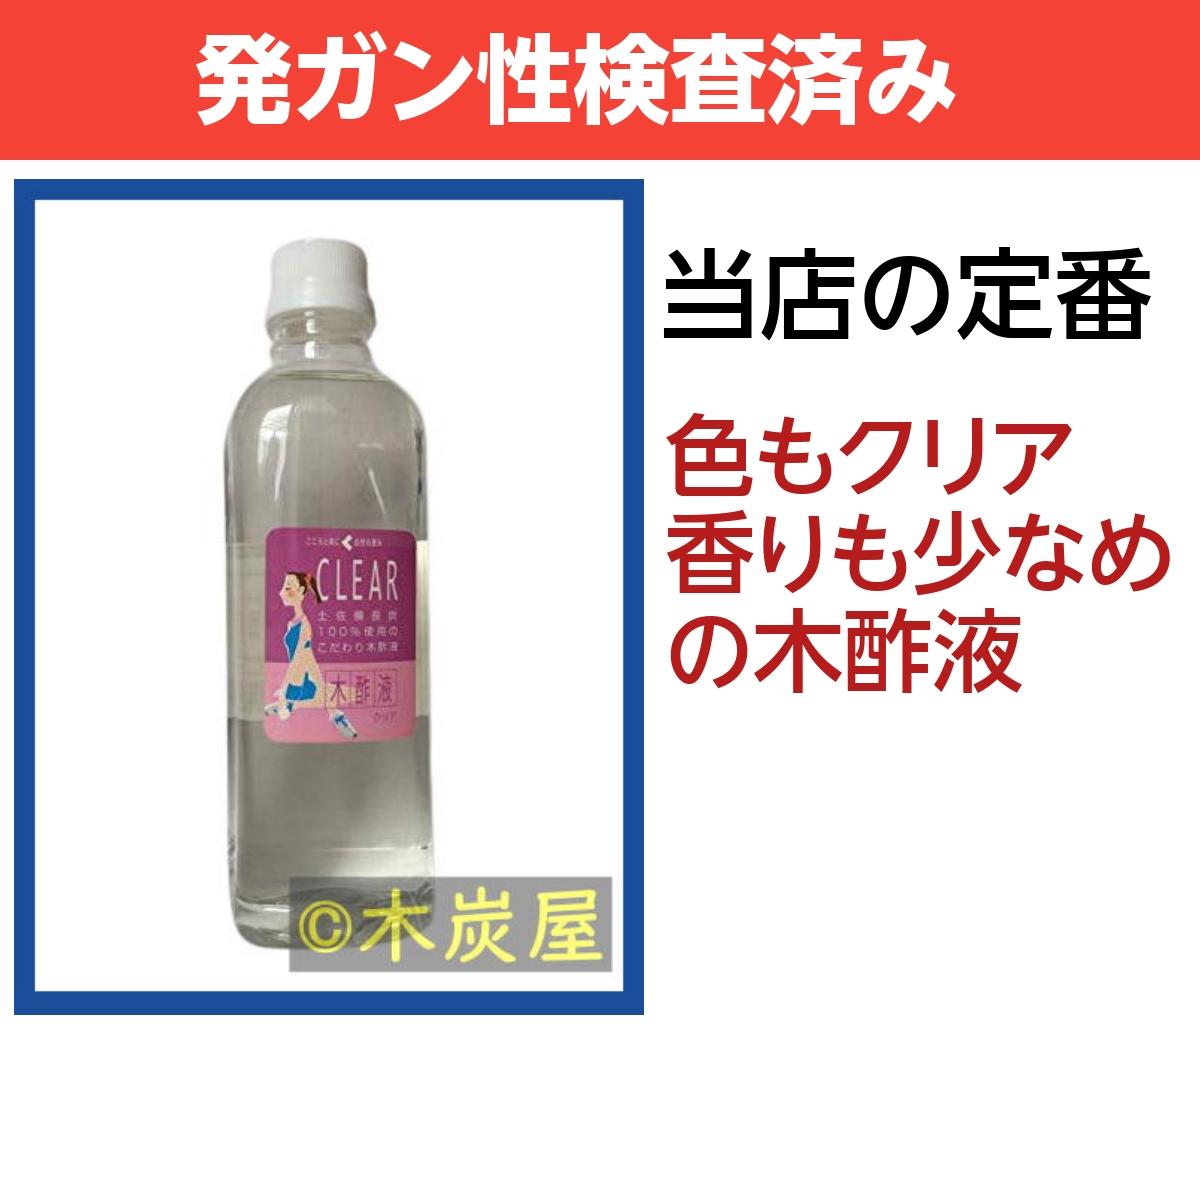 木酢液クリア